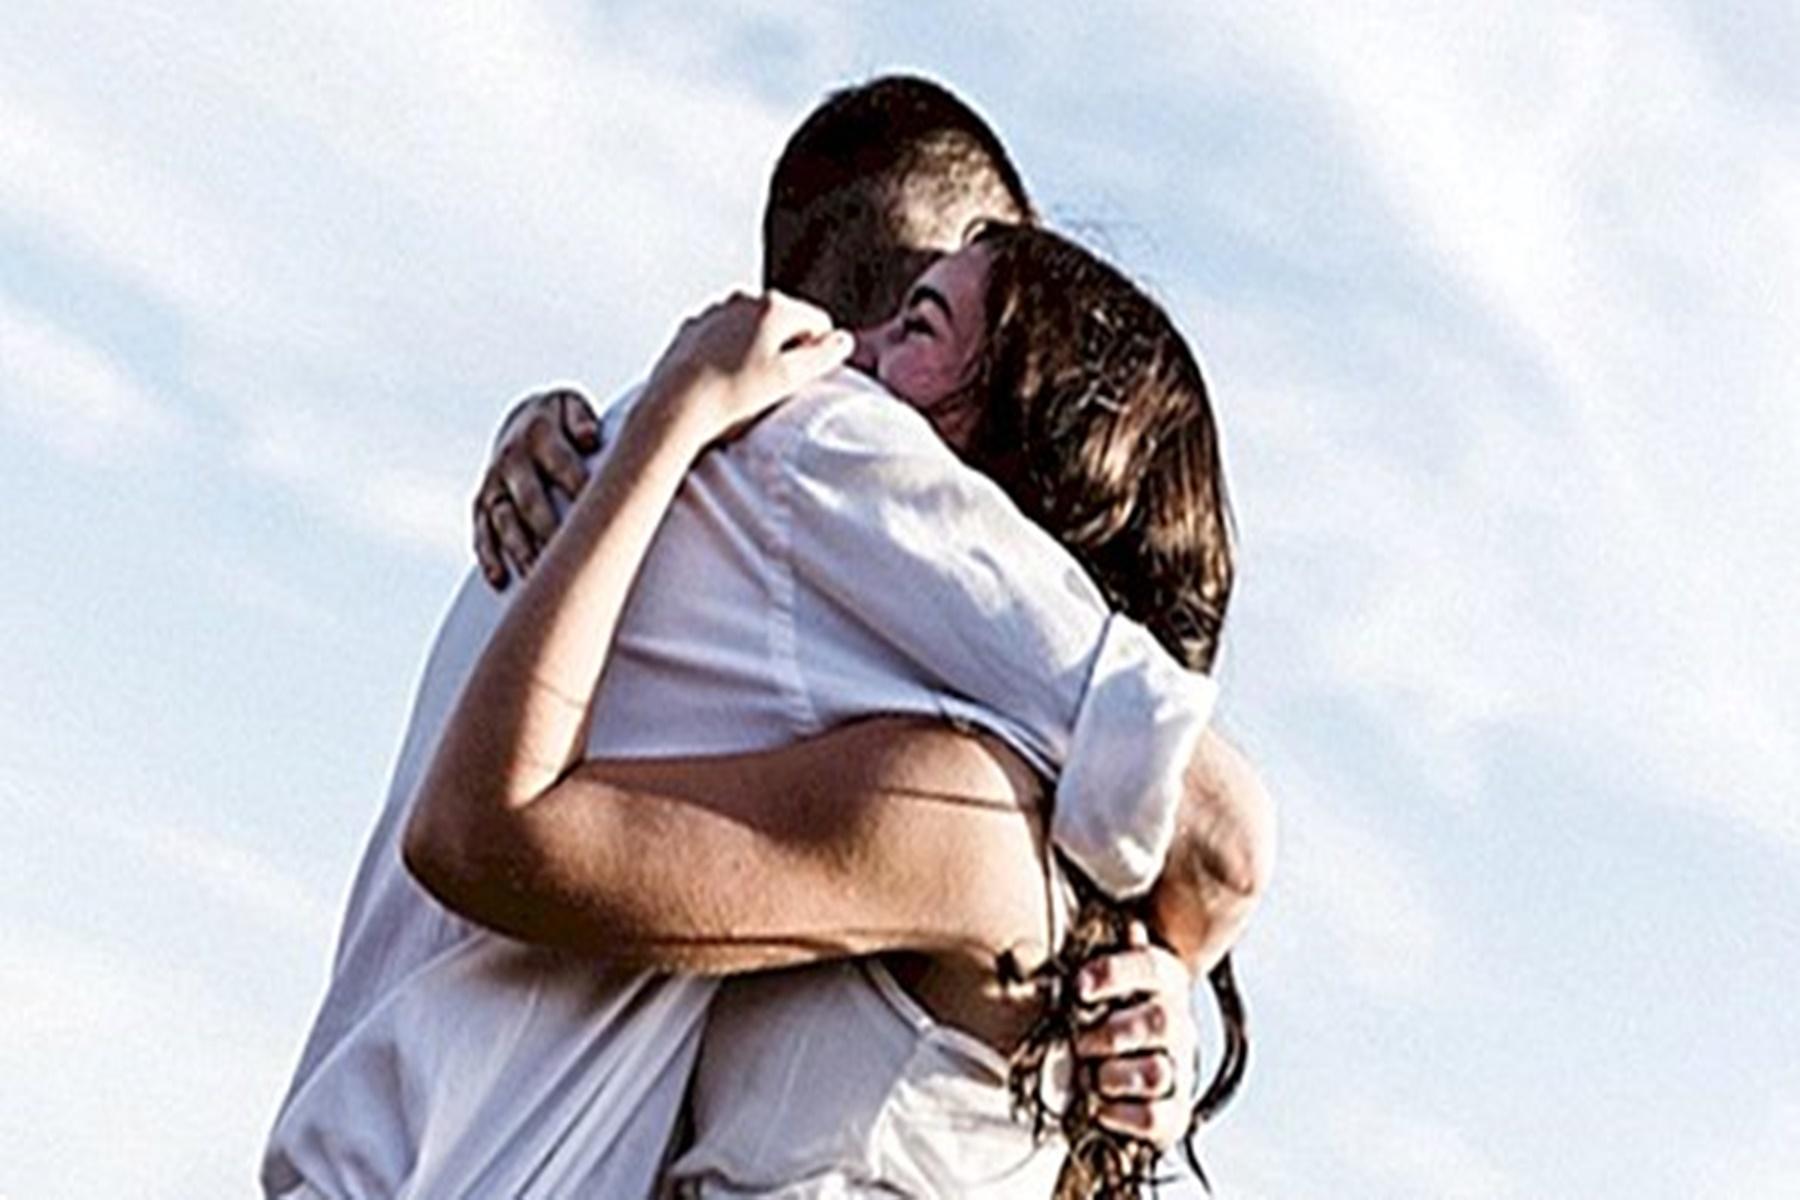 Σεξουαλική επαφή :  Τόσο πρέπει να διαρκεί